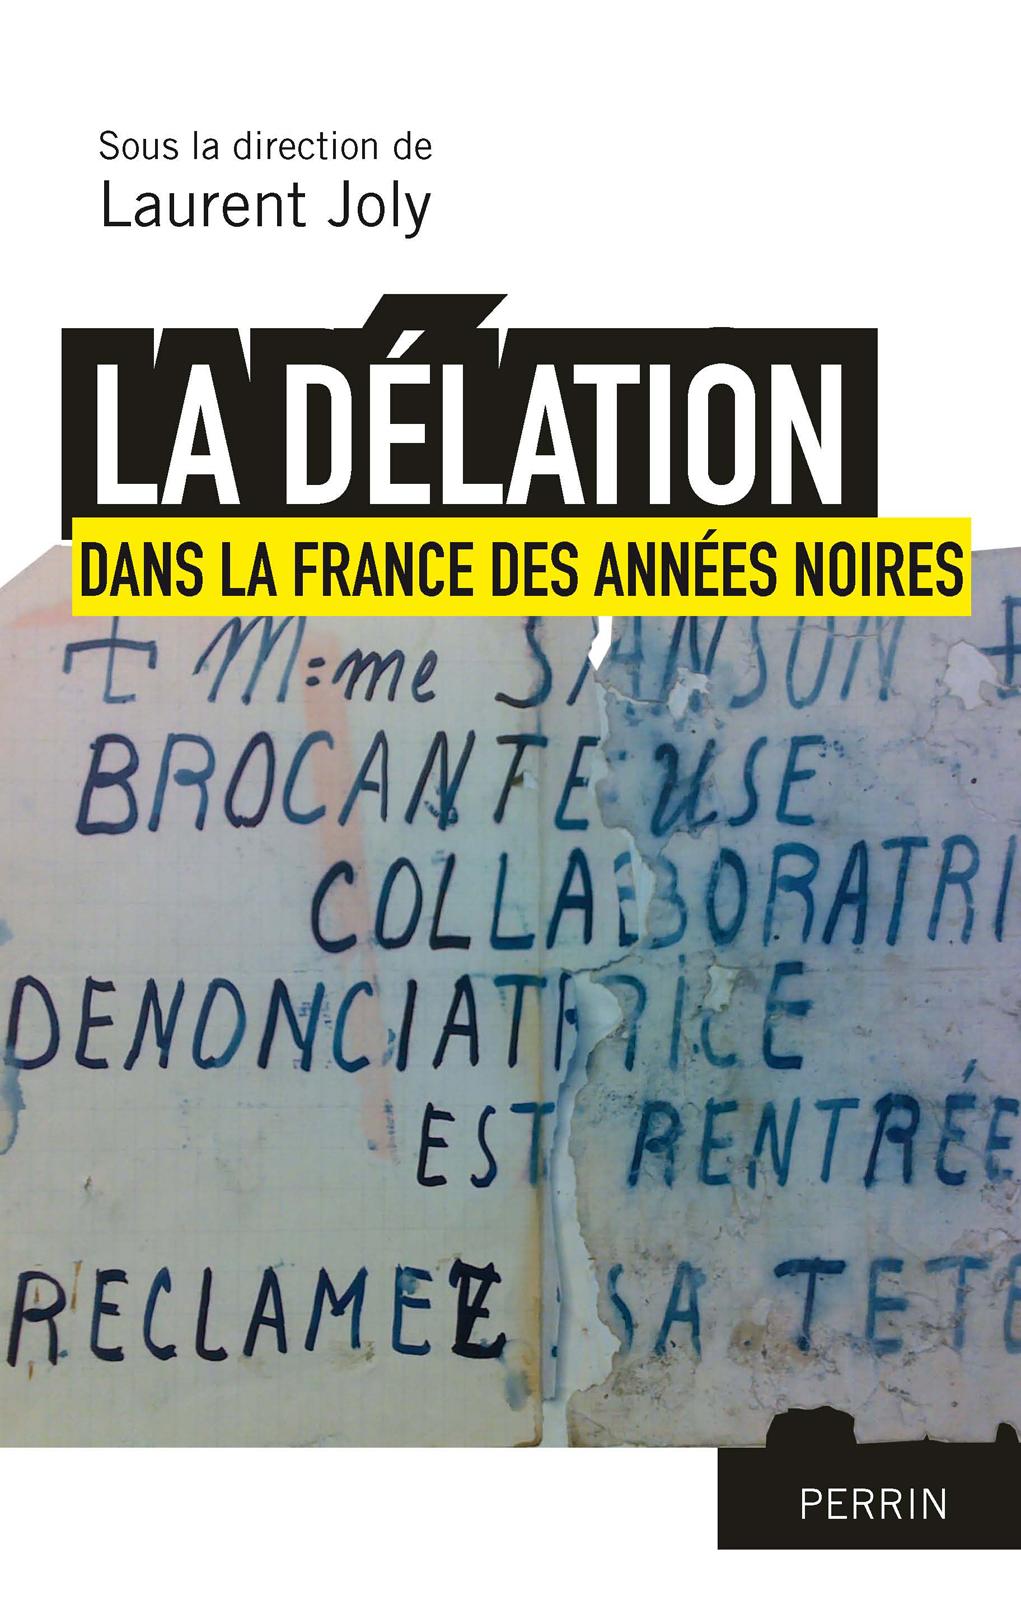 La délation dans la France des années noires